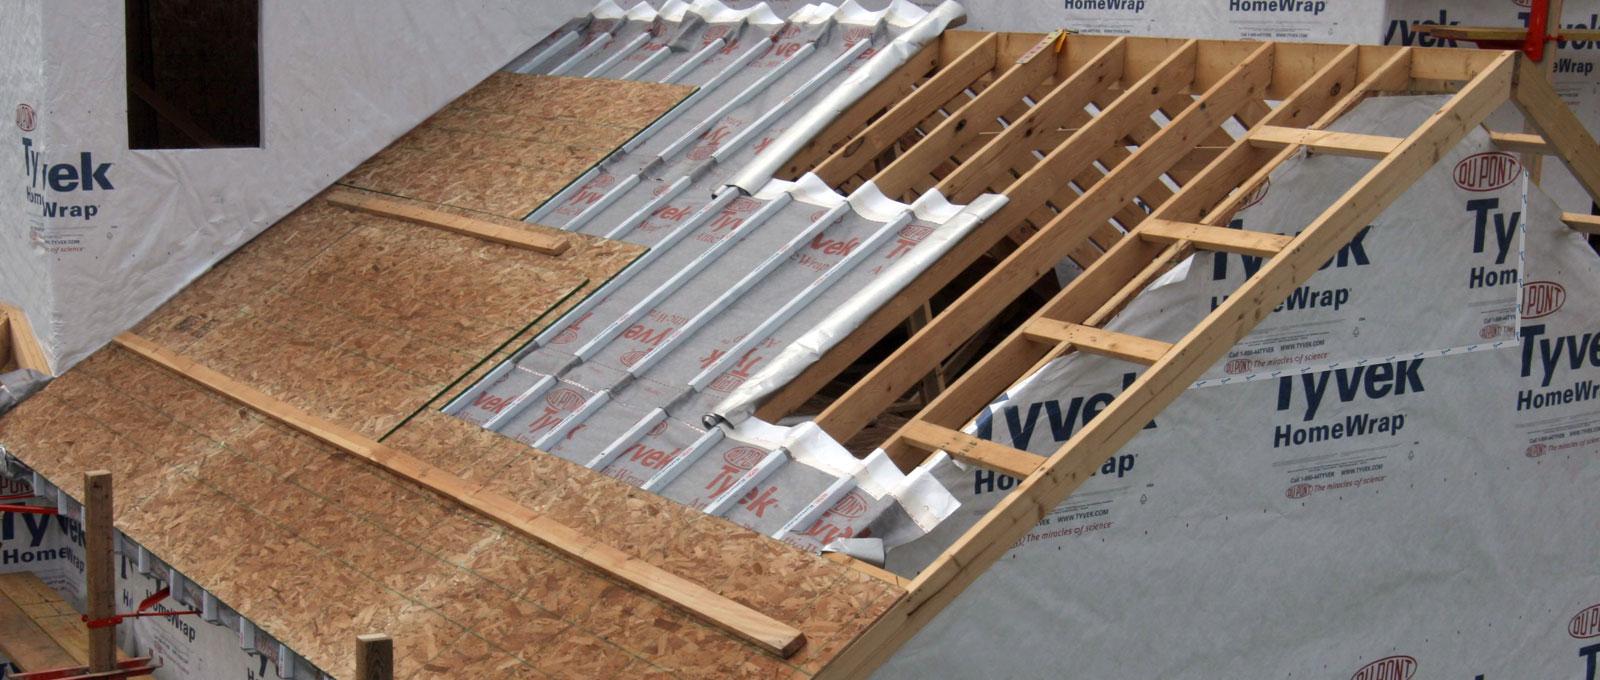 «Для чего нужна и как сделать хорошую пароизоляцию для крыши» фото - 03